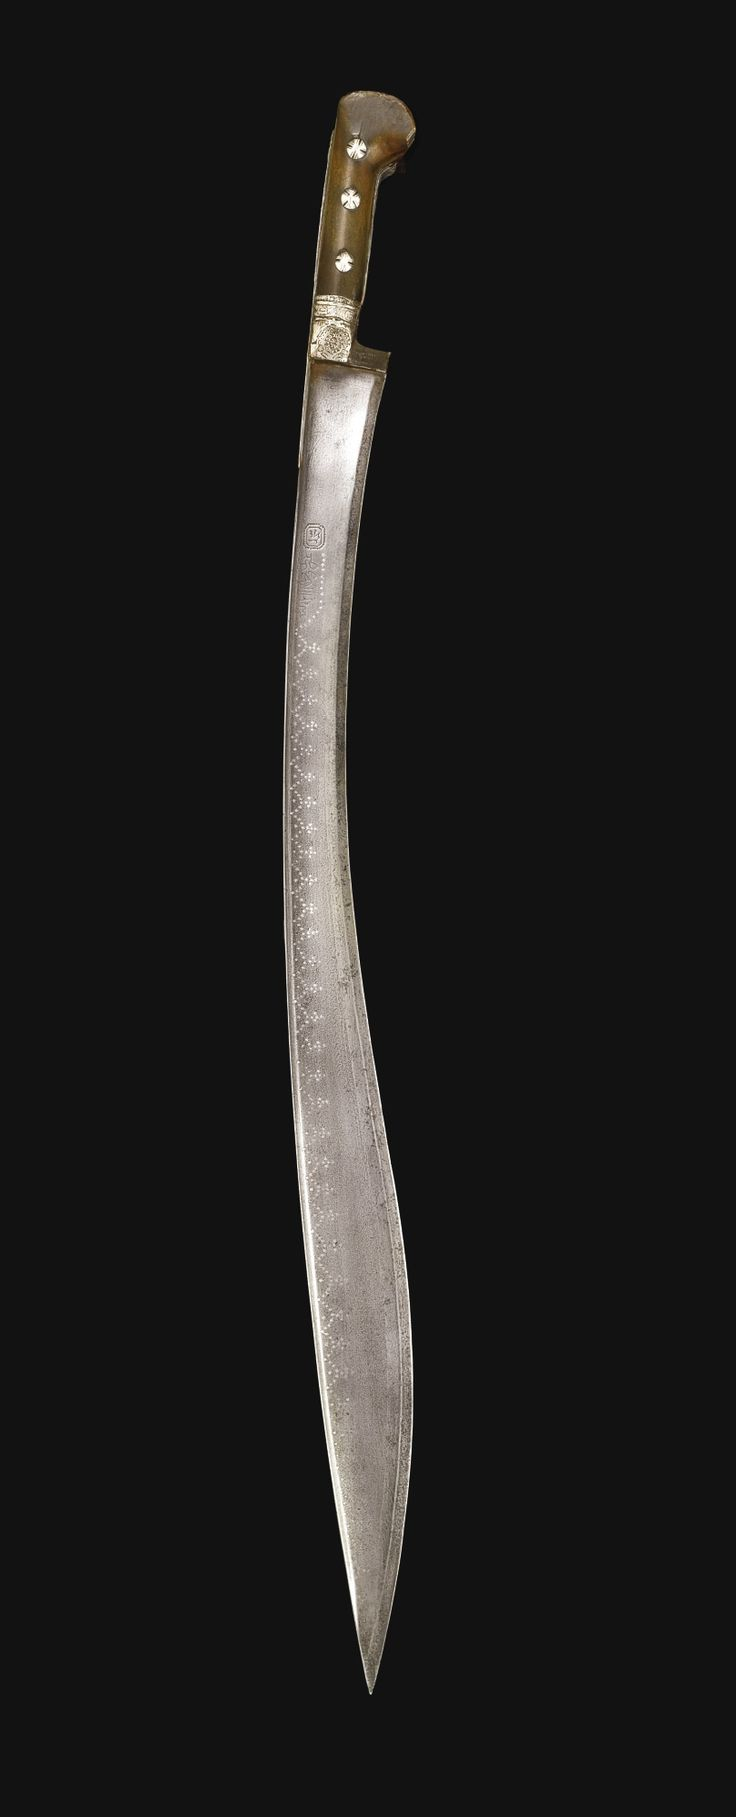 A RARE OTTOMAN HORN-HILTED SWORD (YATAGHAN), TURKEY, DATED 1181 AH/1767 AD